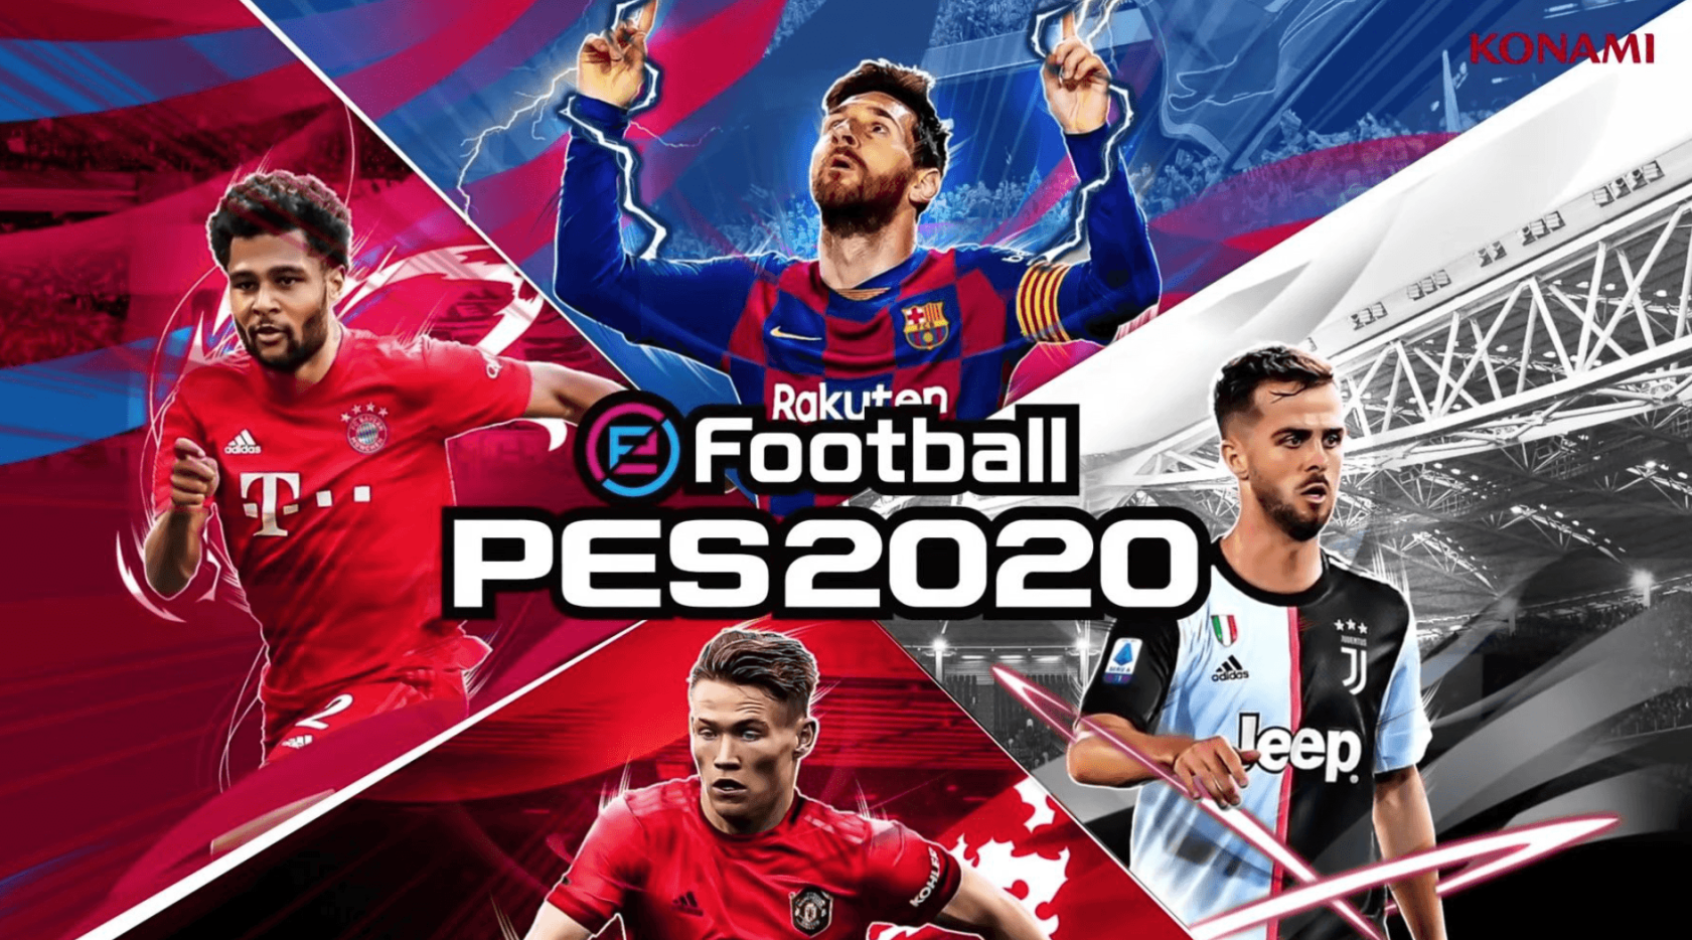 """""""Наполи"""" заключил эксклюзивный контракт с разработчиком Pro Evolution Soccer"""